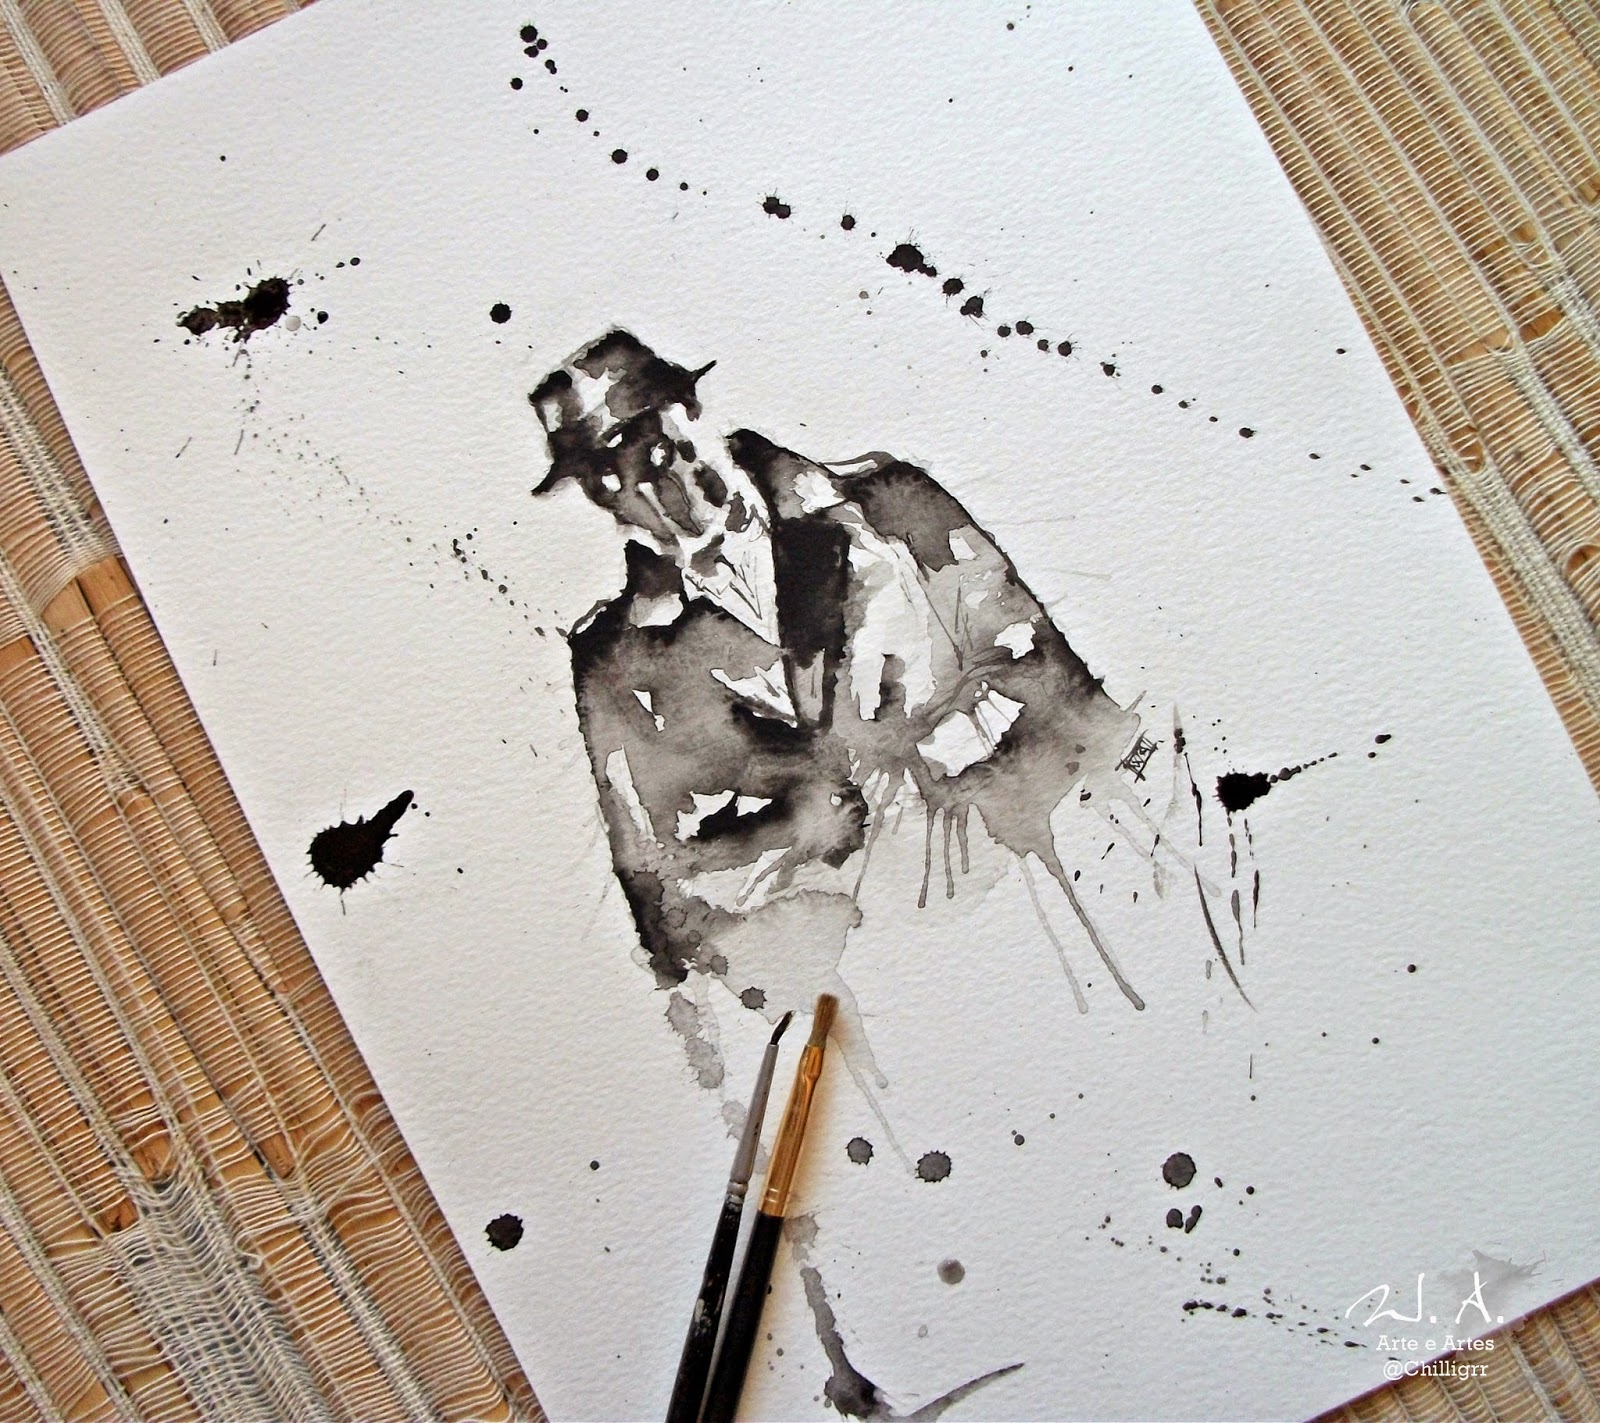 rorschach, watchman, rorschach watercolor, rorschach drawing, rorschach painting, watchman painting, watchman drawing, watercolor, watercolor tattoo,